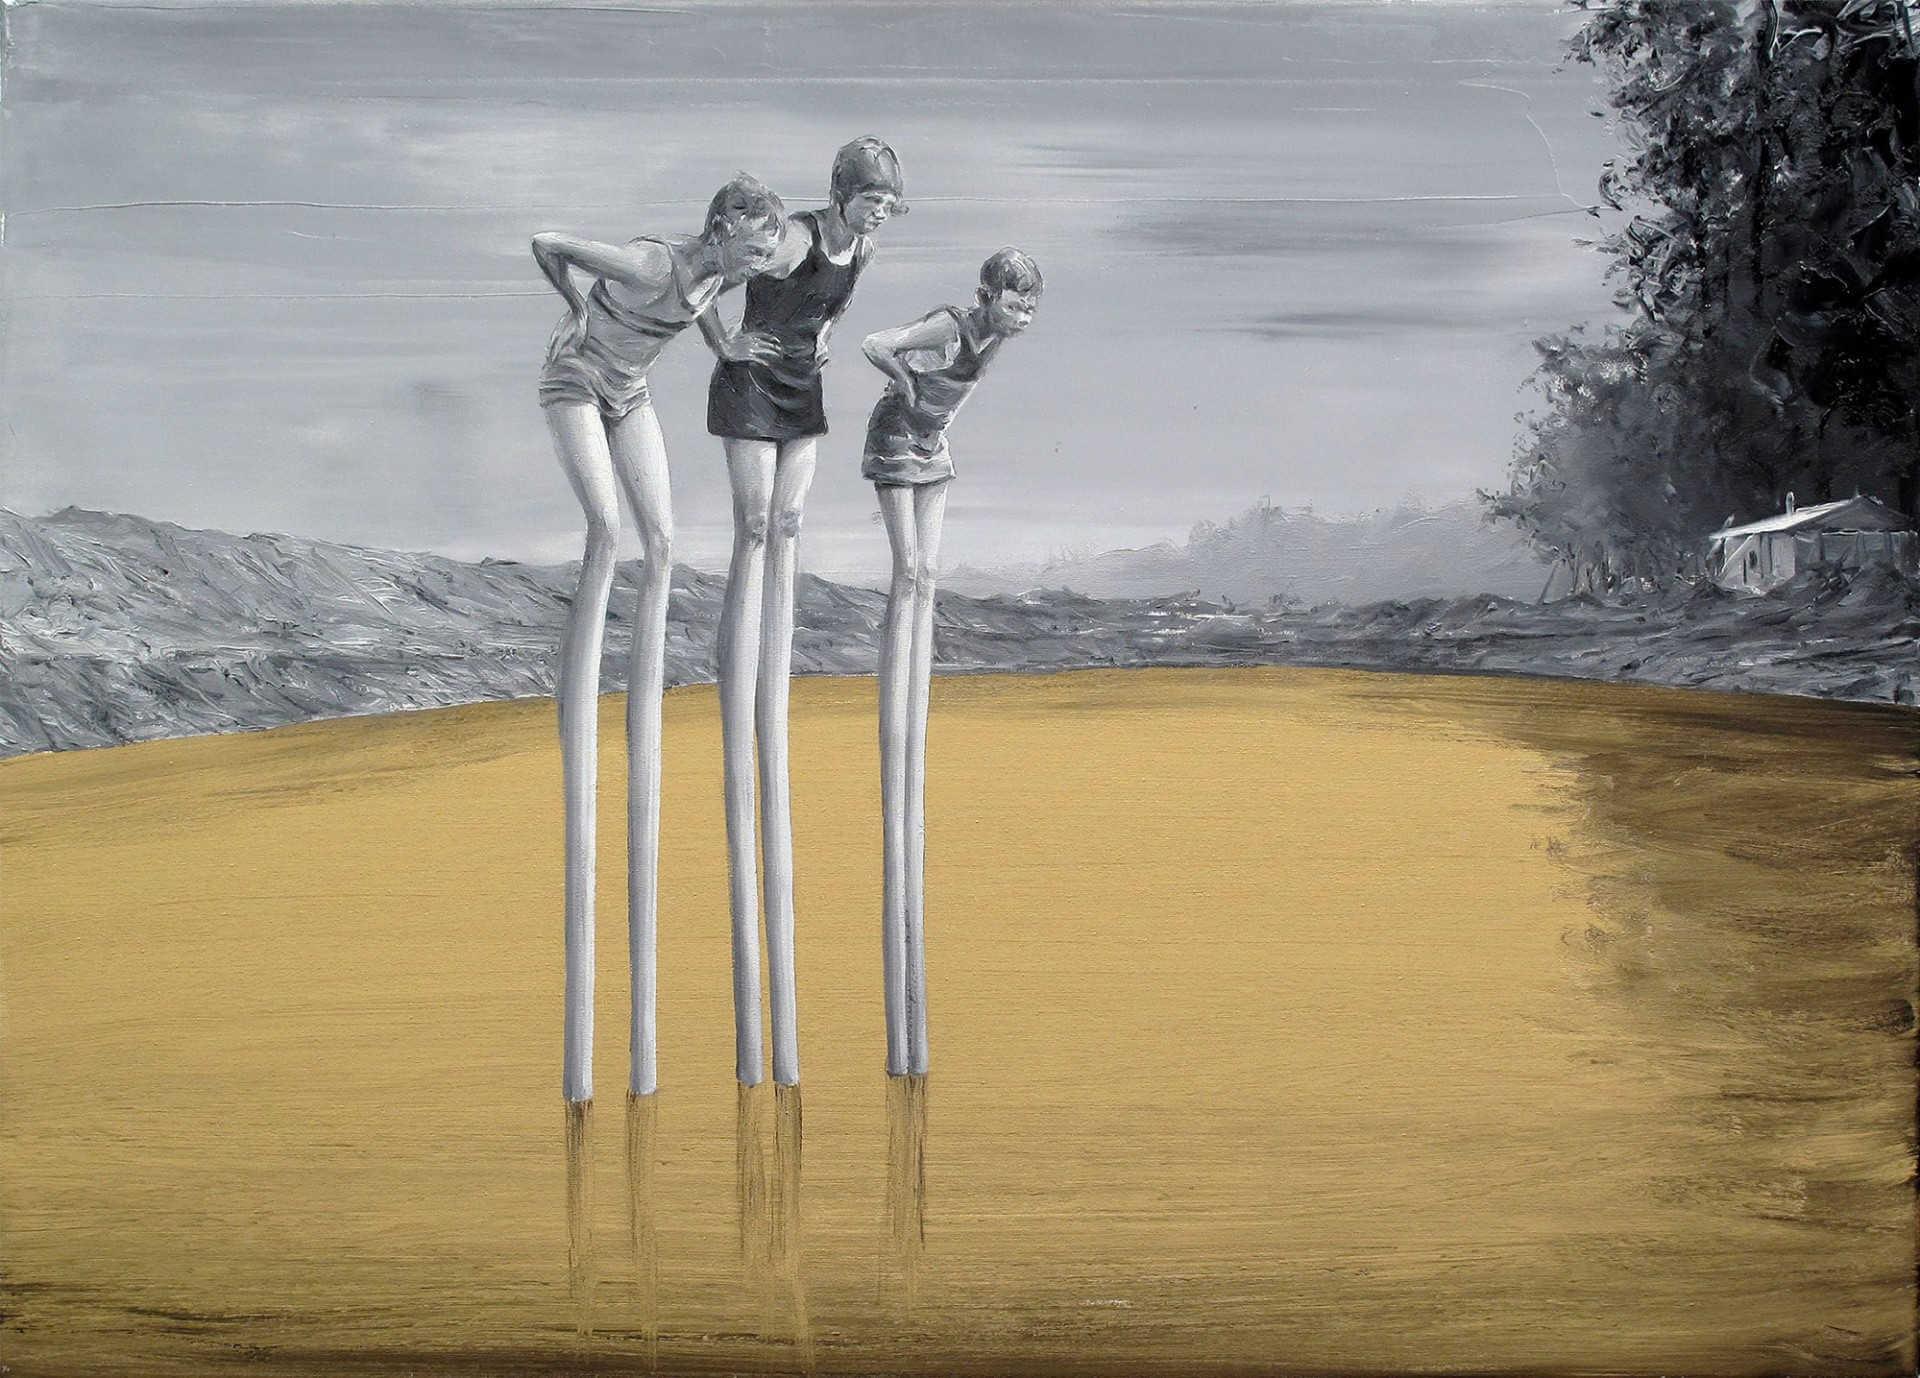 Pintura surrealista de paco pomet de niño en un lago como su fueran flamencos